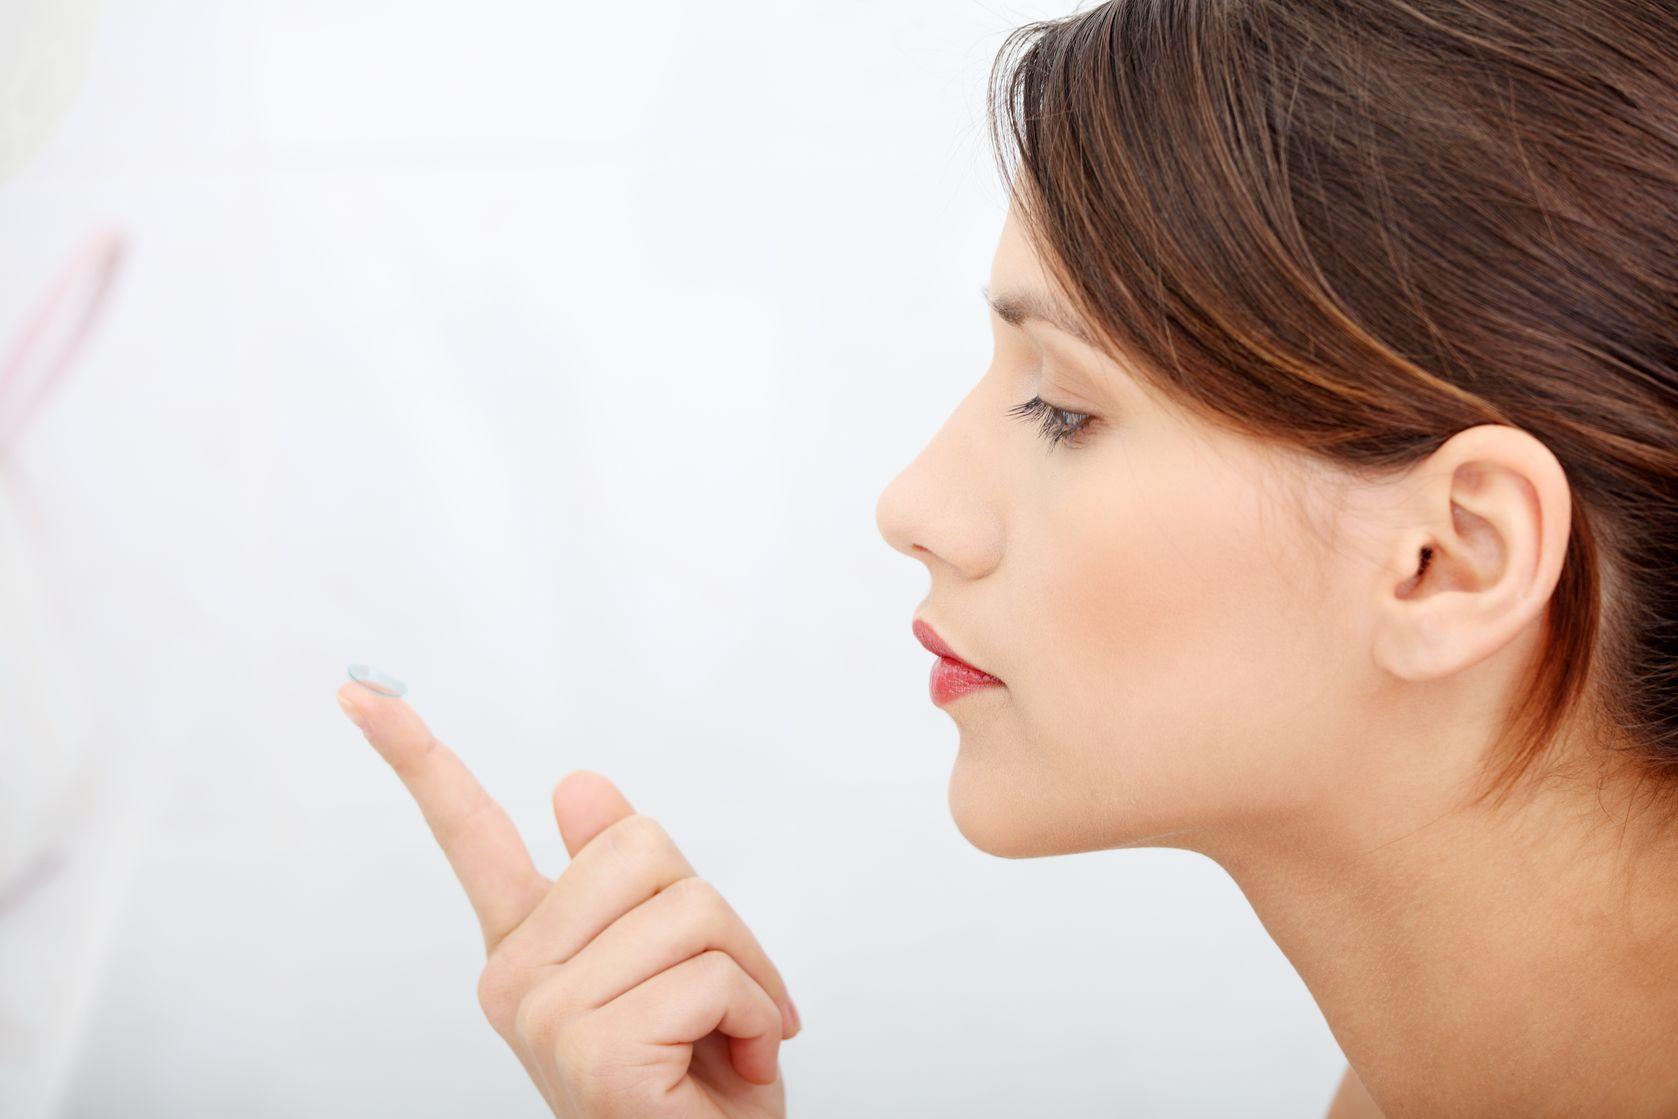 Mulher olhando para uma lentes de contato anuais sobre o dedo||Troca de lente de contato||